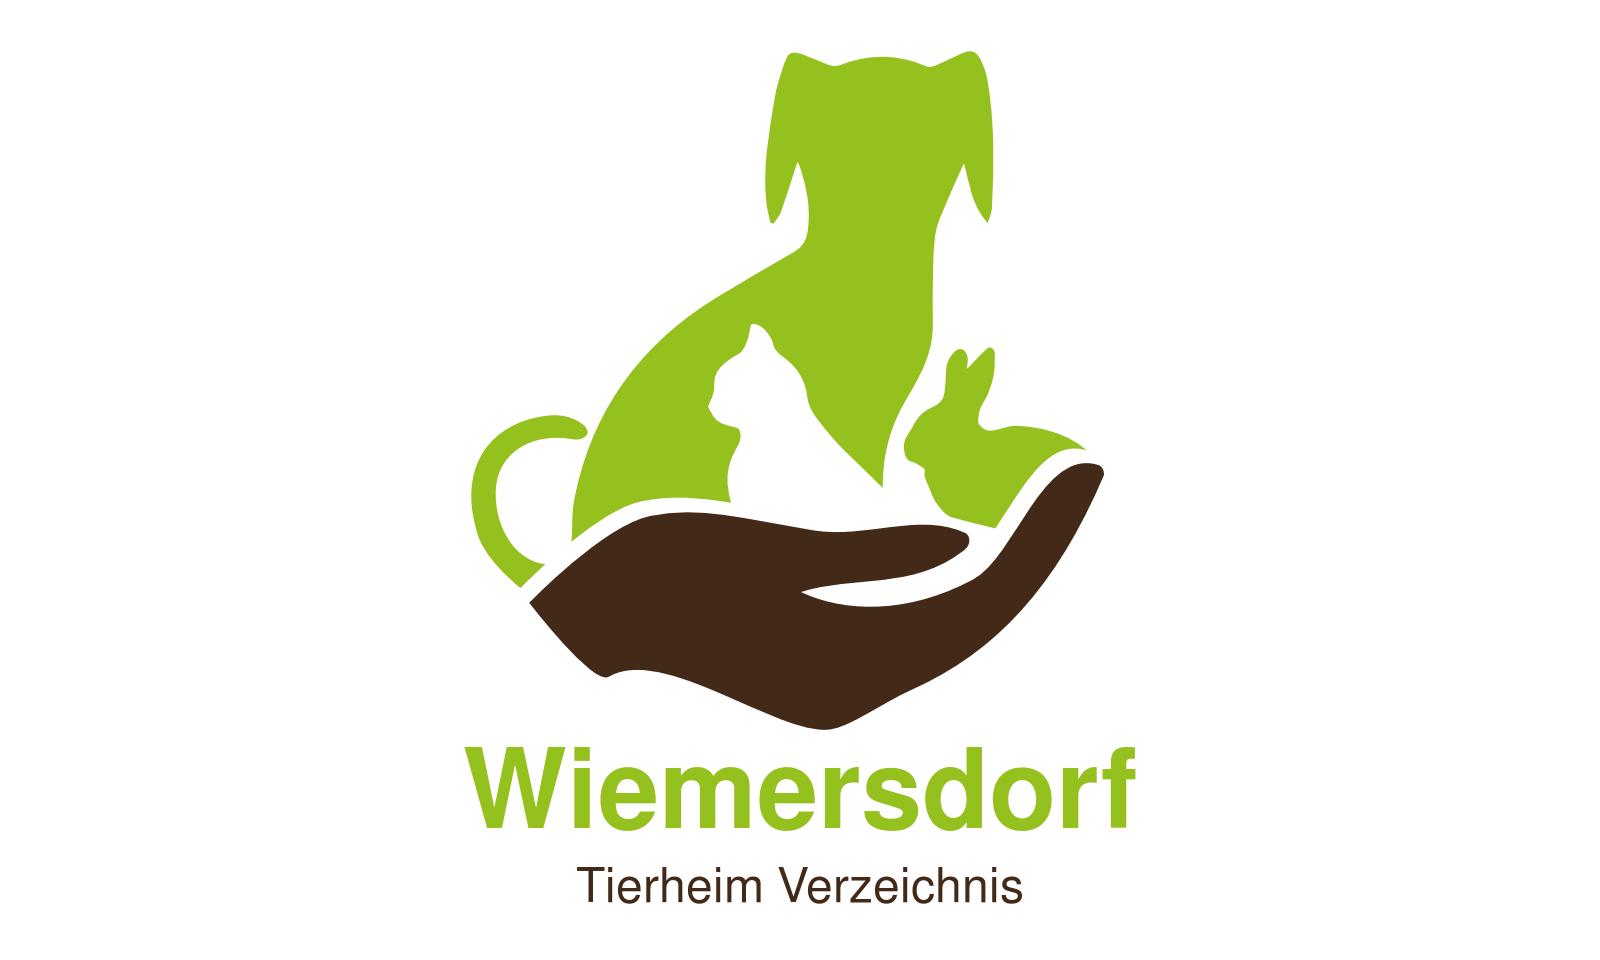 Tierheim Wiemersdorf